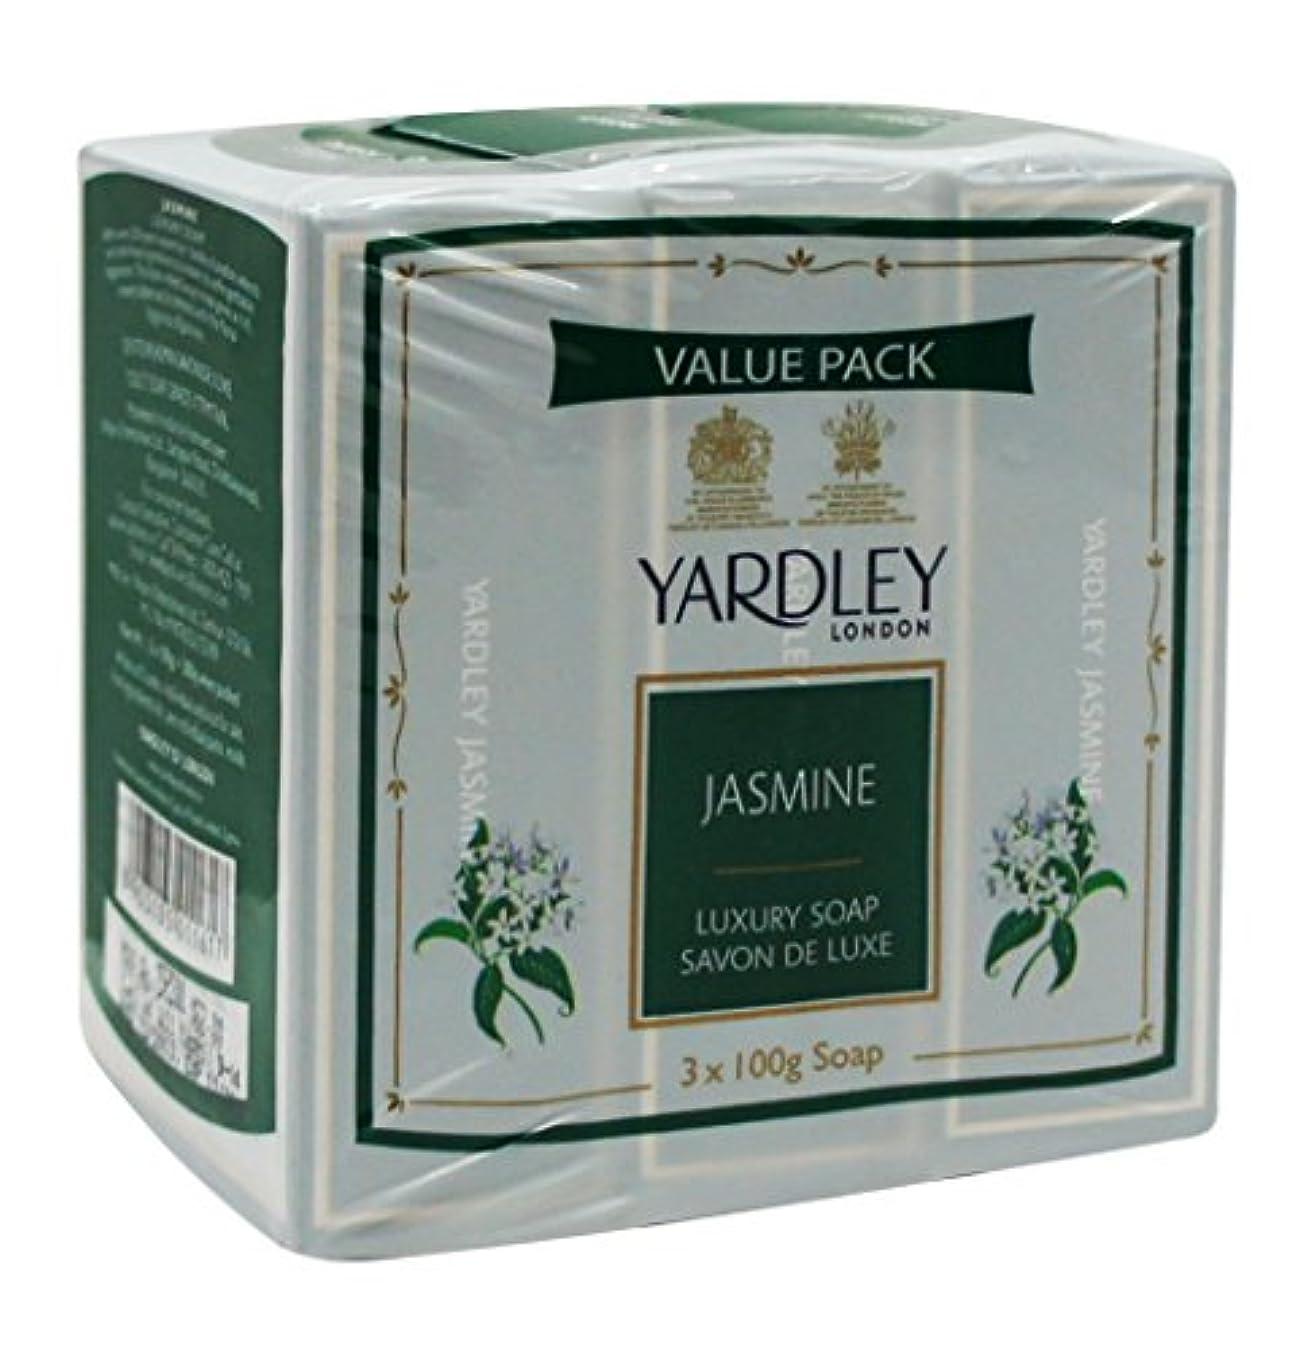 結果平日中間Yardley London Value Pack Luxury Soap 3x100g Jasmine by Yardley